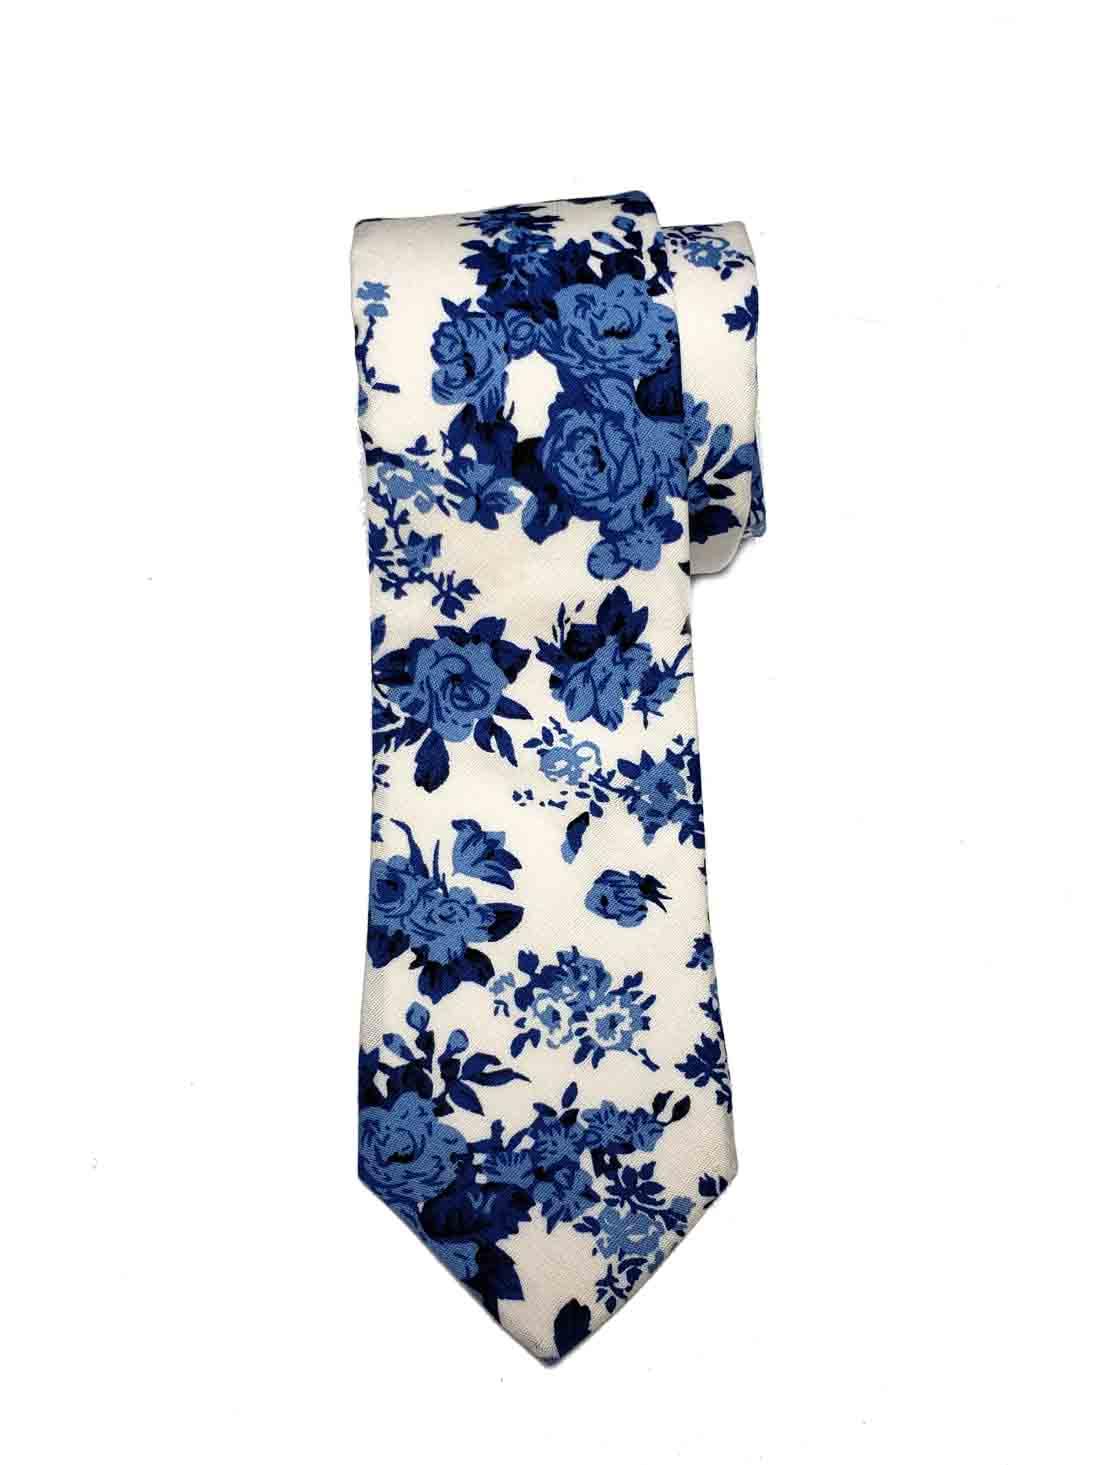 Gascoigne Tie Blue White Floral Cotton Narrow Men's